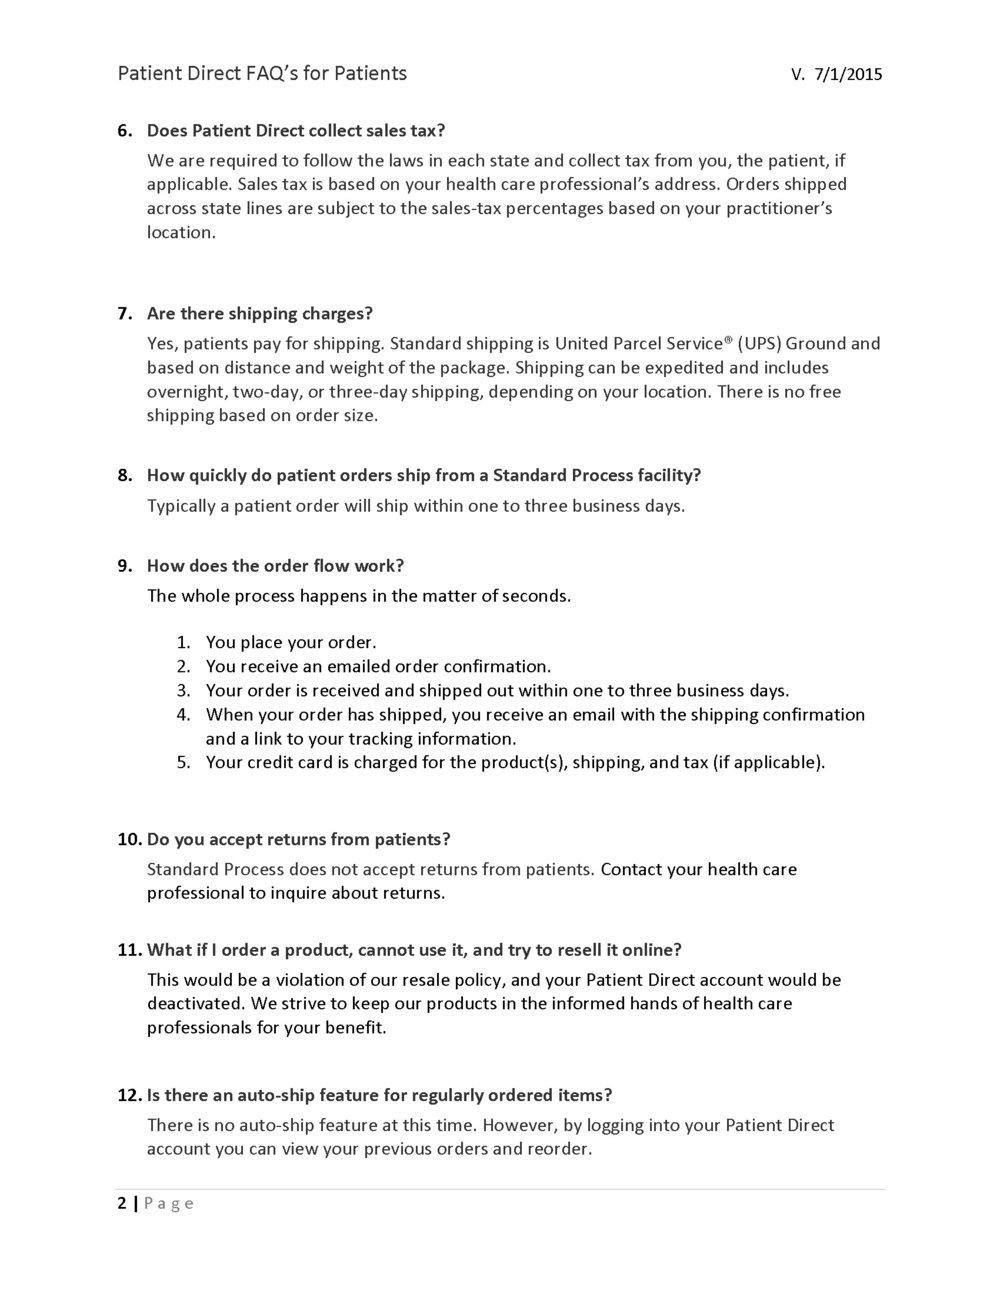 FAQs_Page_2.jpg